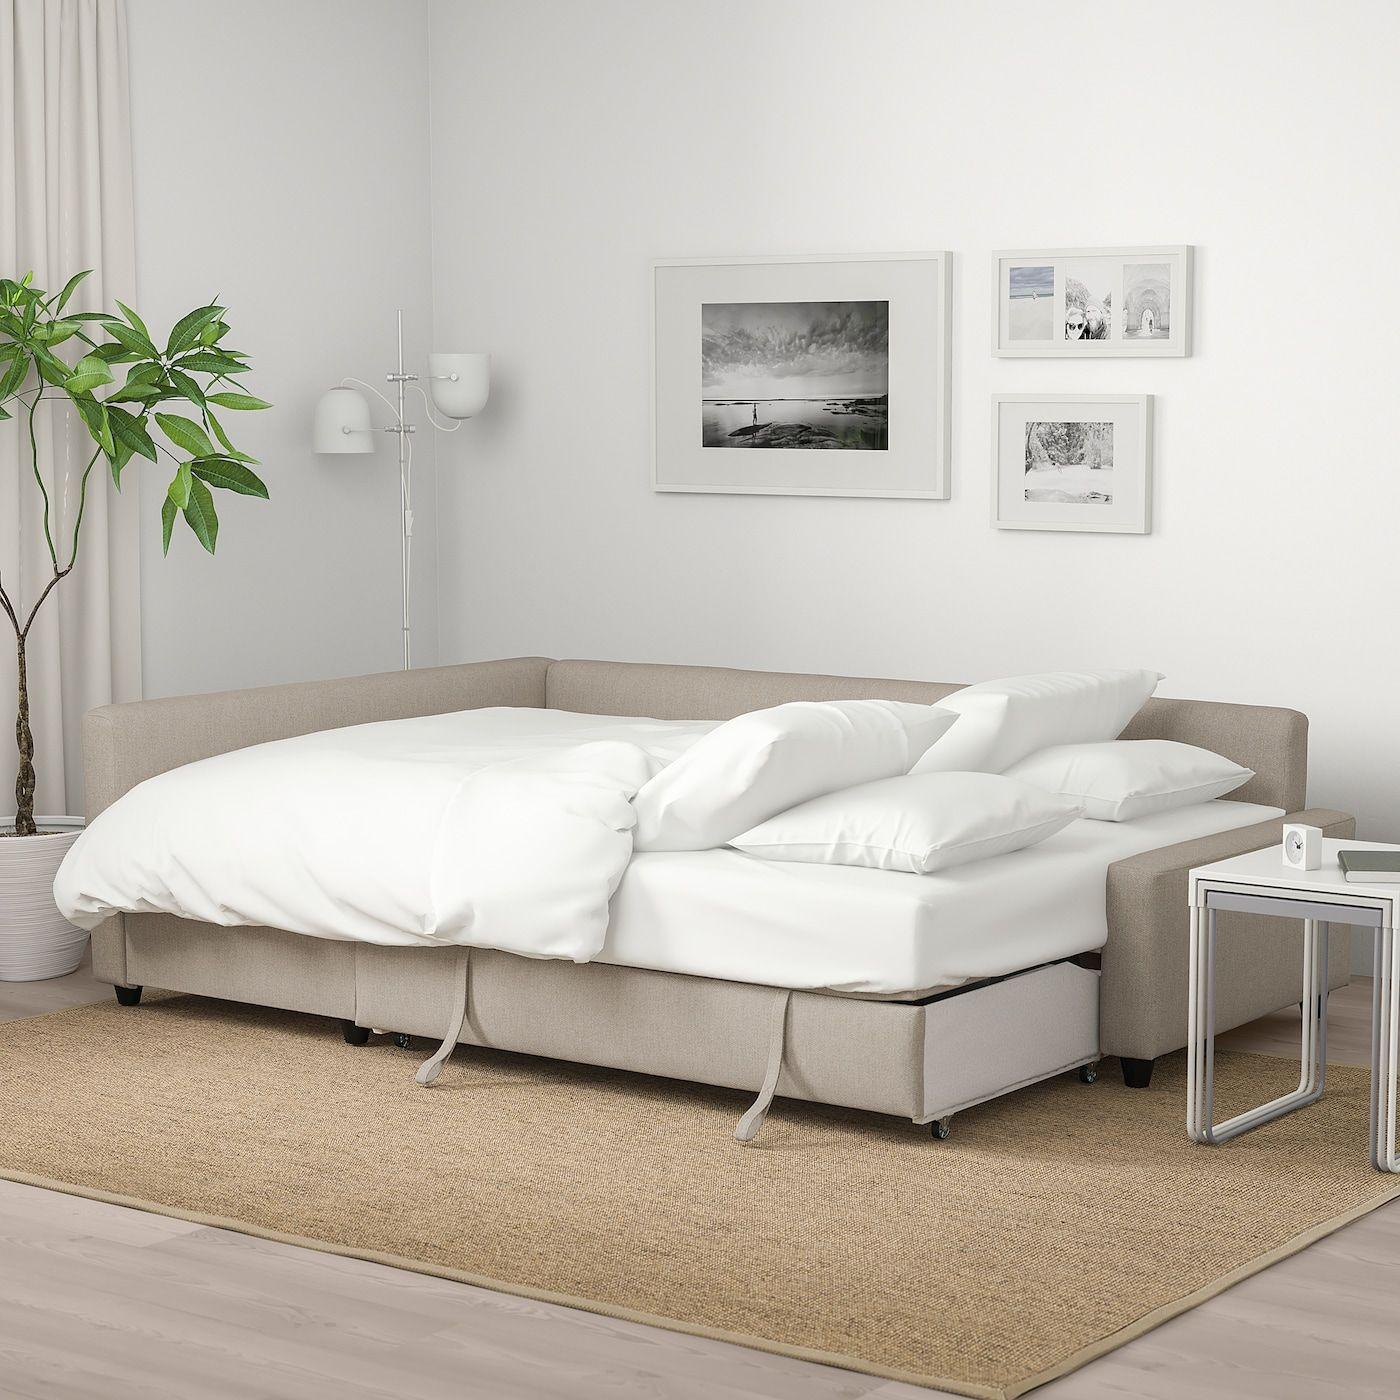 Friheten Sleeper Sectional 3 Seat W Storage Hyllie Beige In 2020 Corner Sofa Bed With Storage Sofa Bed With Storage Ikea Sofa Bed